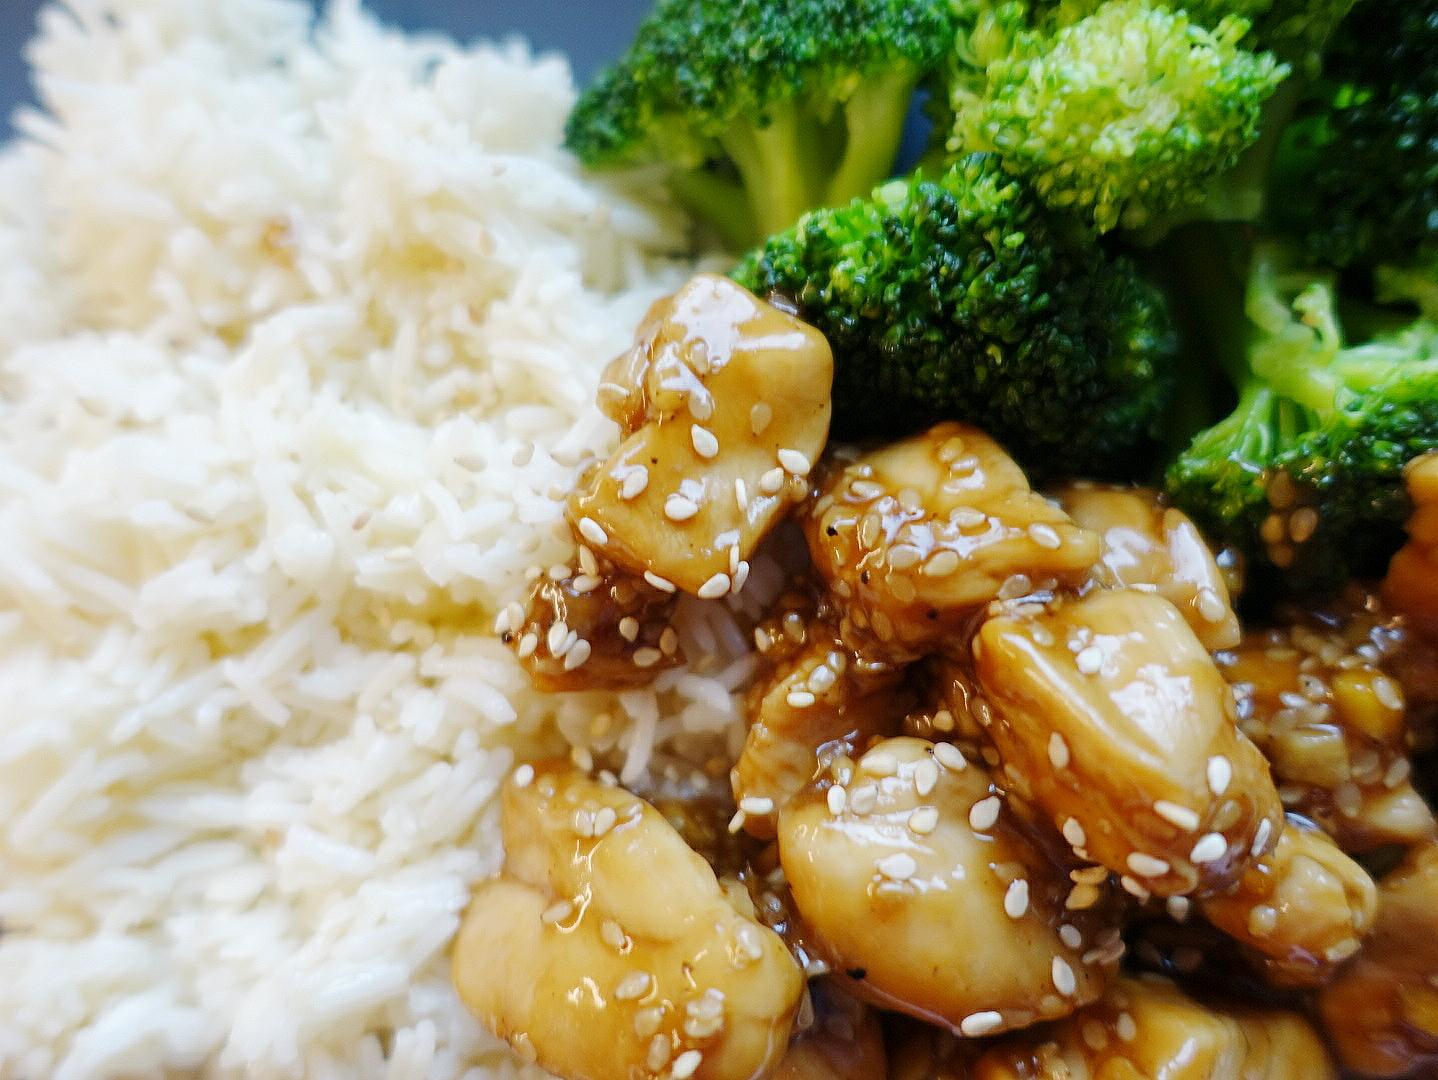 Blitzschnell zubereitet: Saftiges Hühnchen mit leckerer Teriyaki Marinade und frischem Gemüse